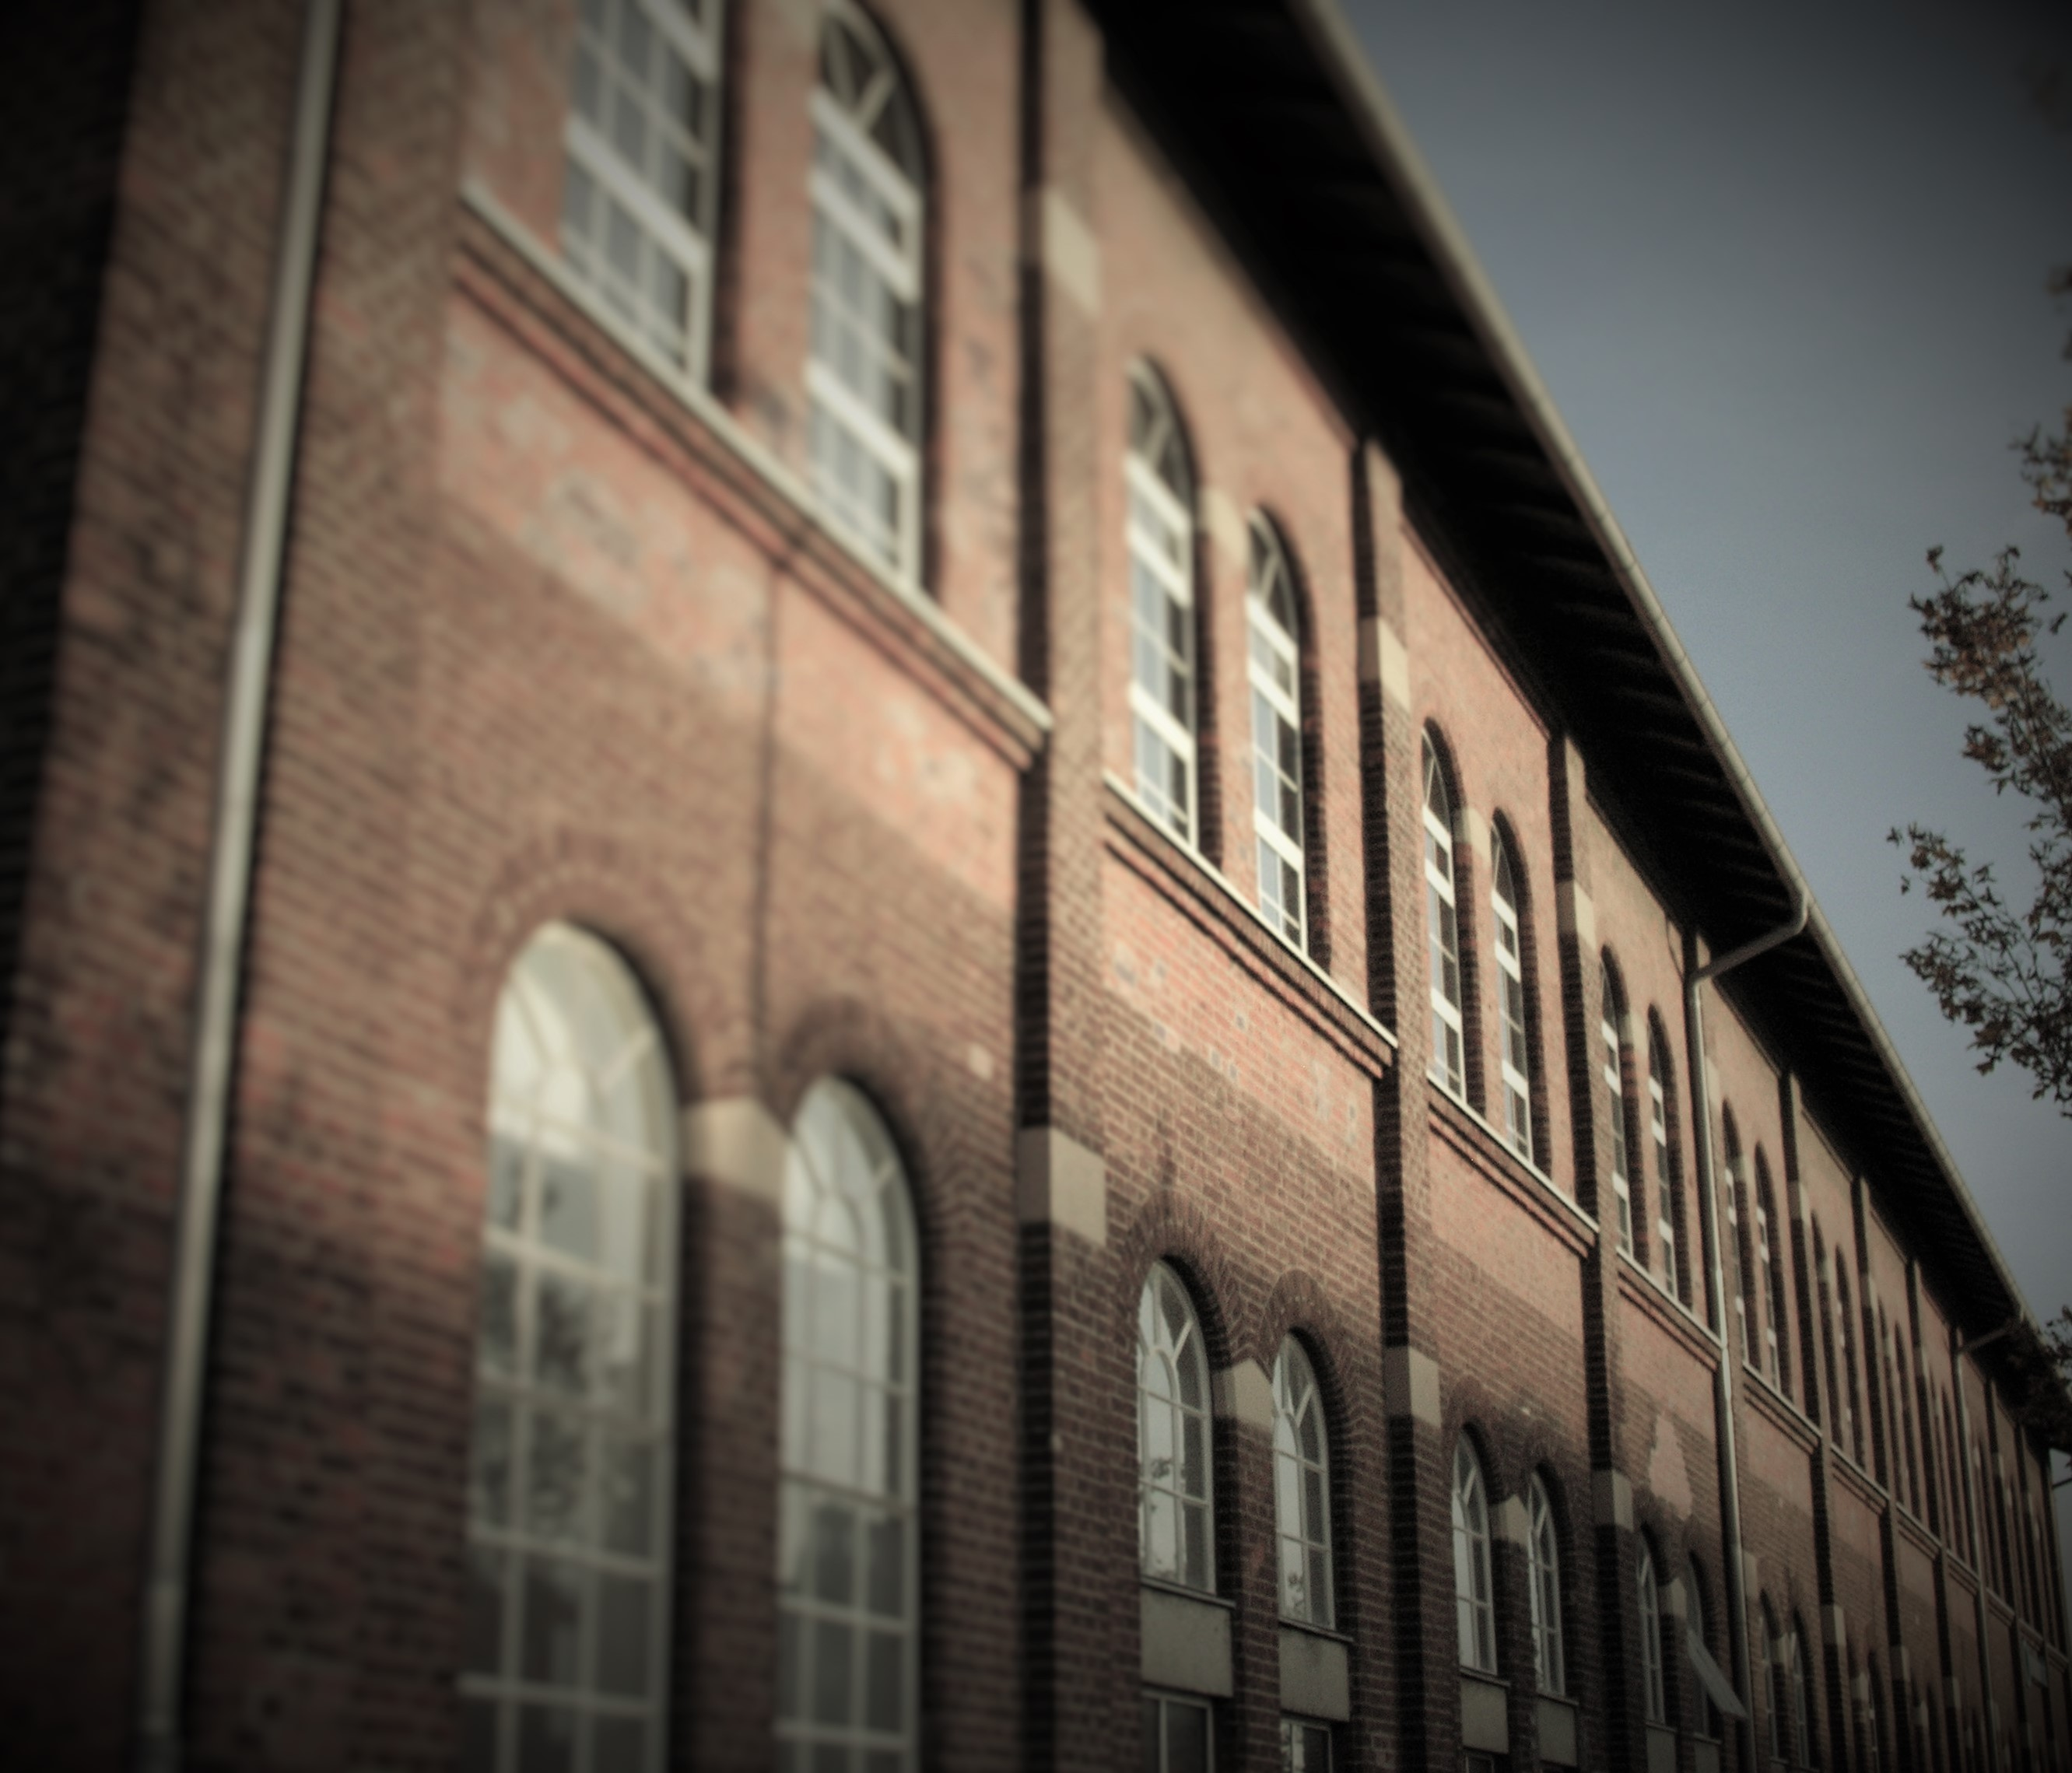 Backsteinhaus Fassade mit Bogenfenstern - Sepia